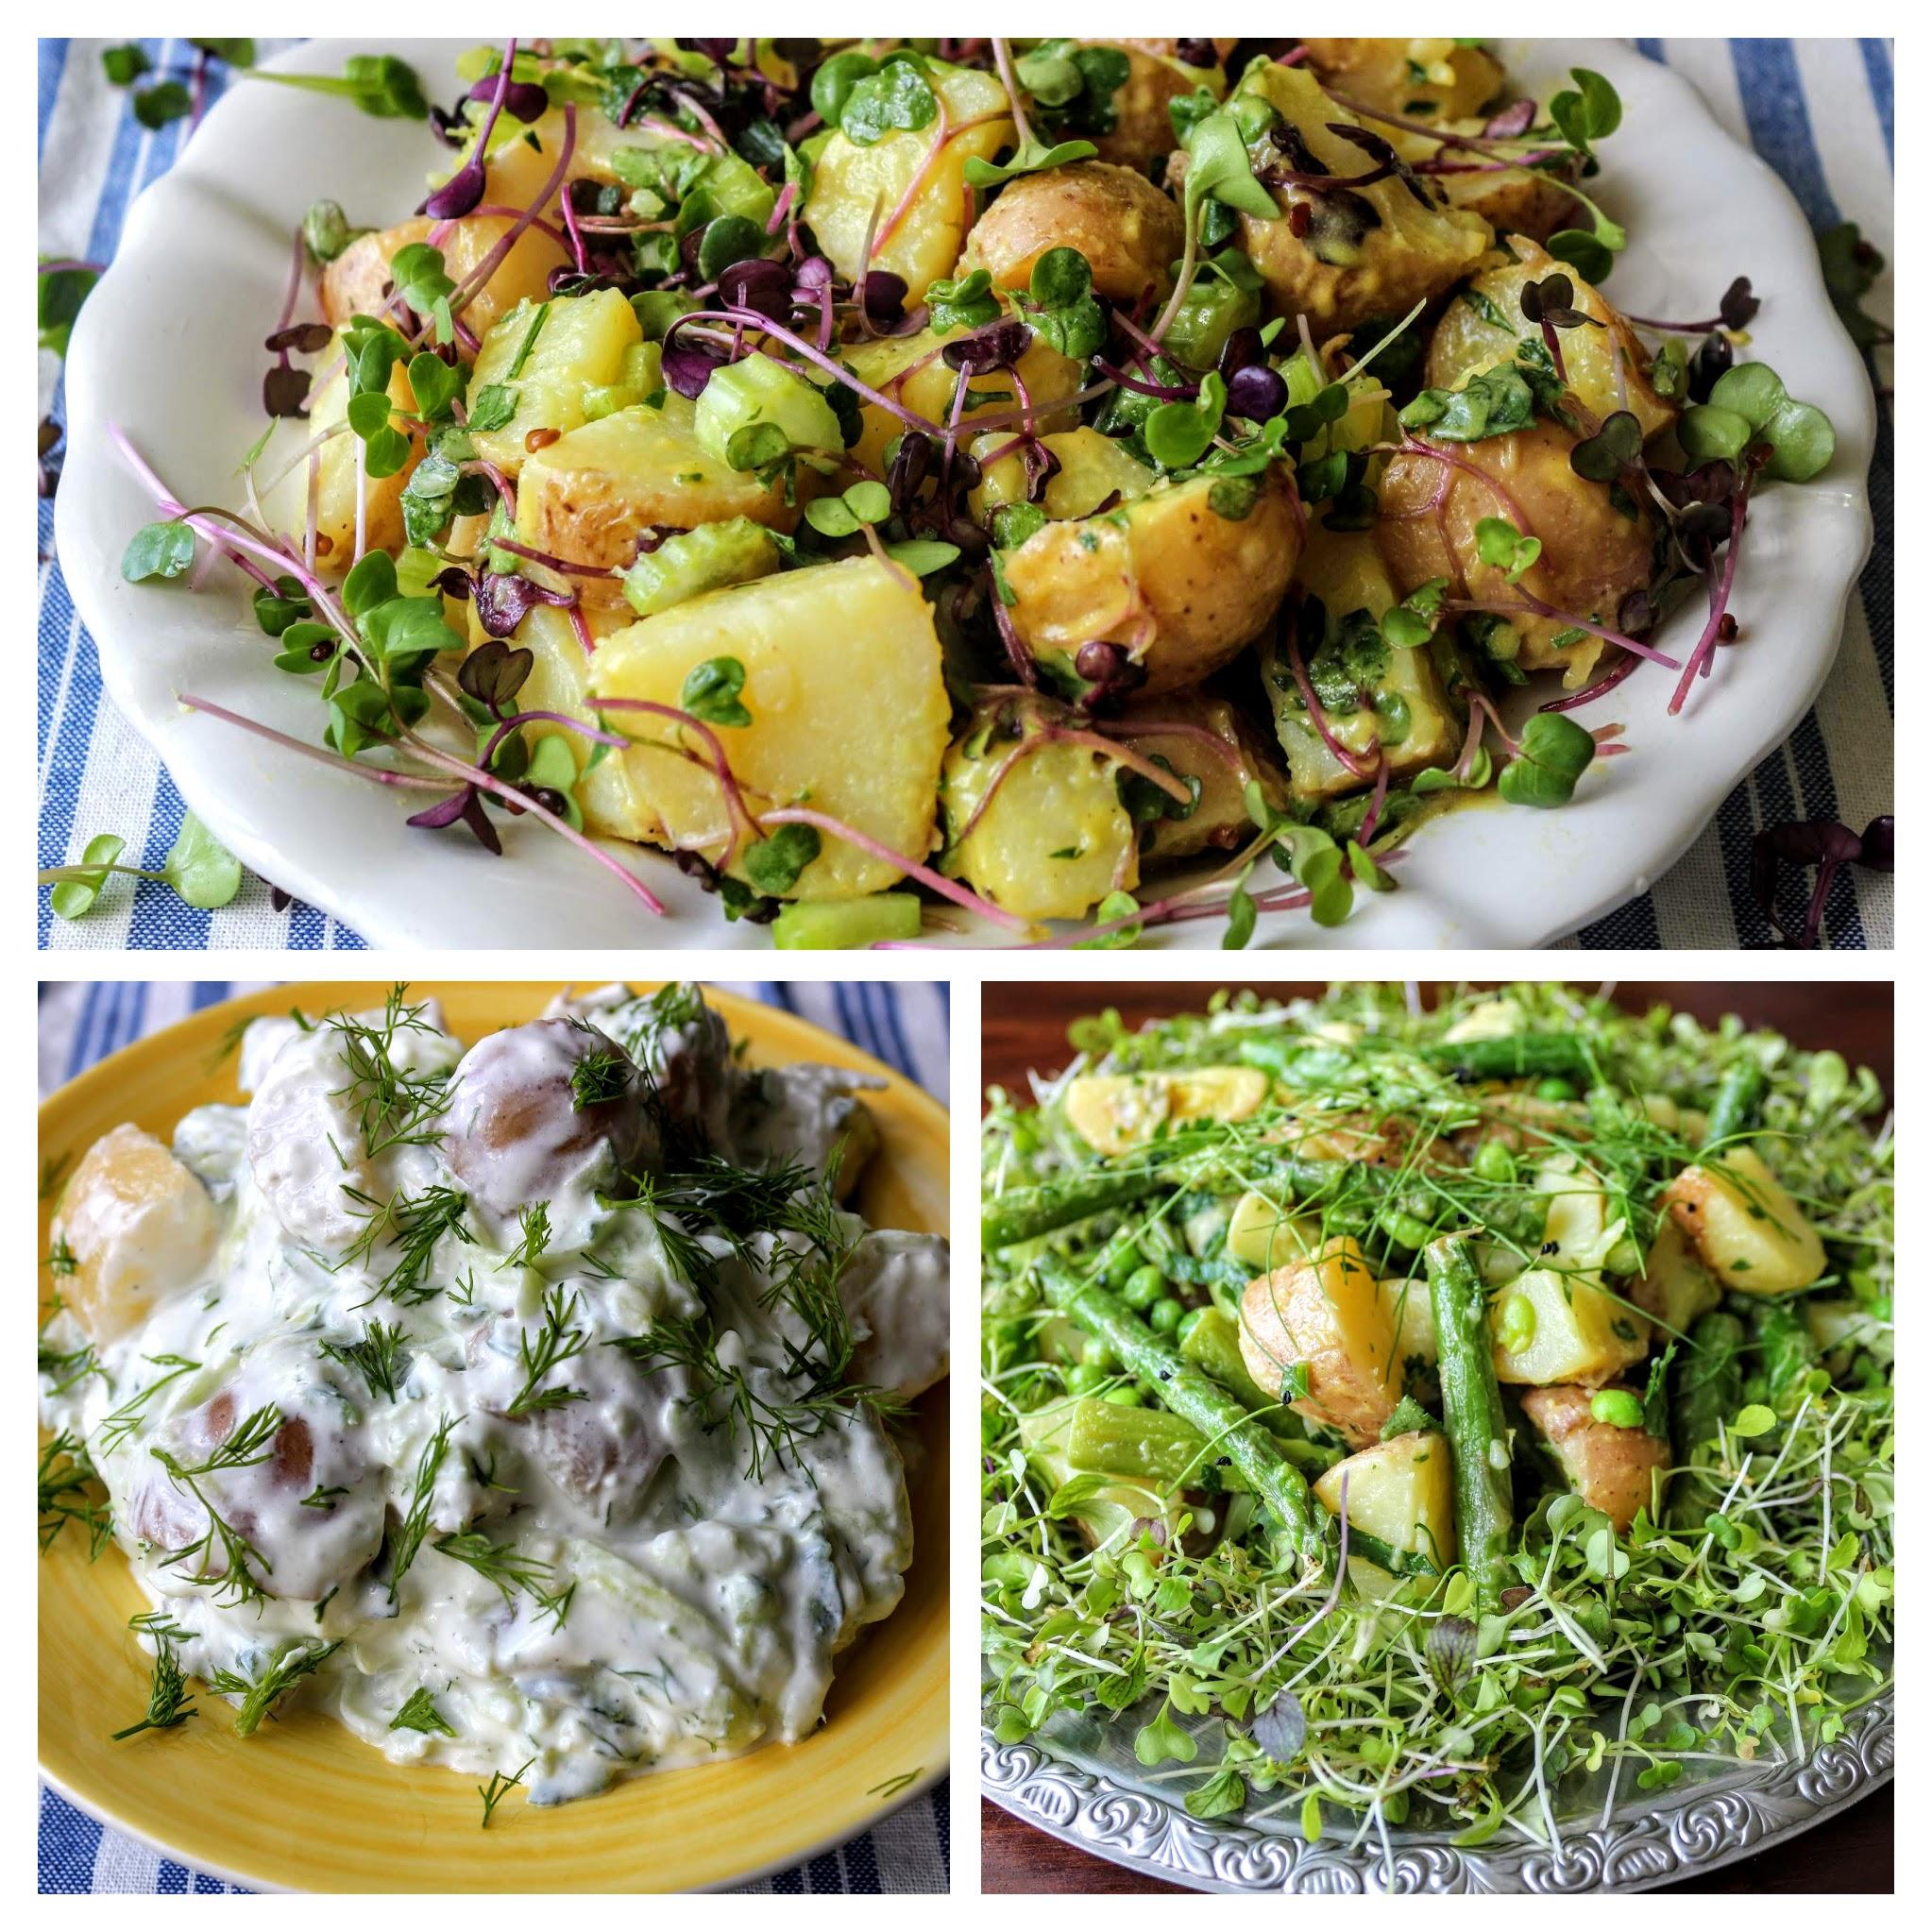 7 tavaszi saláta az évszak legfinomabb zöldségeiből